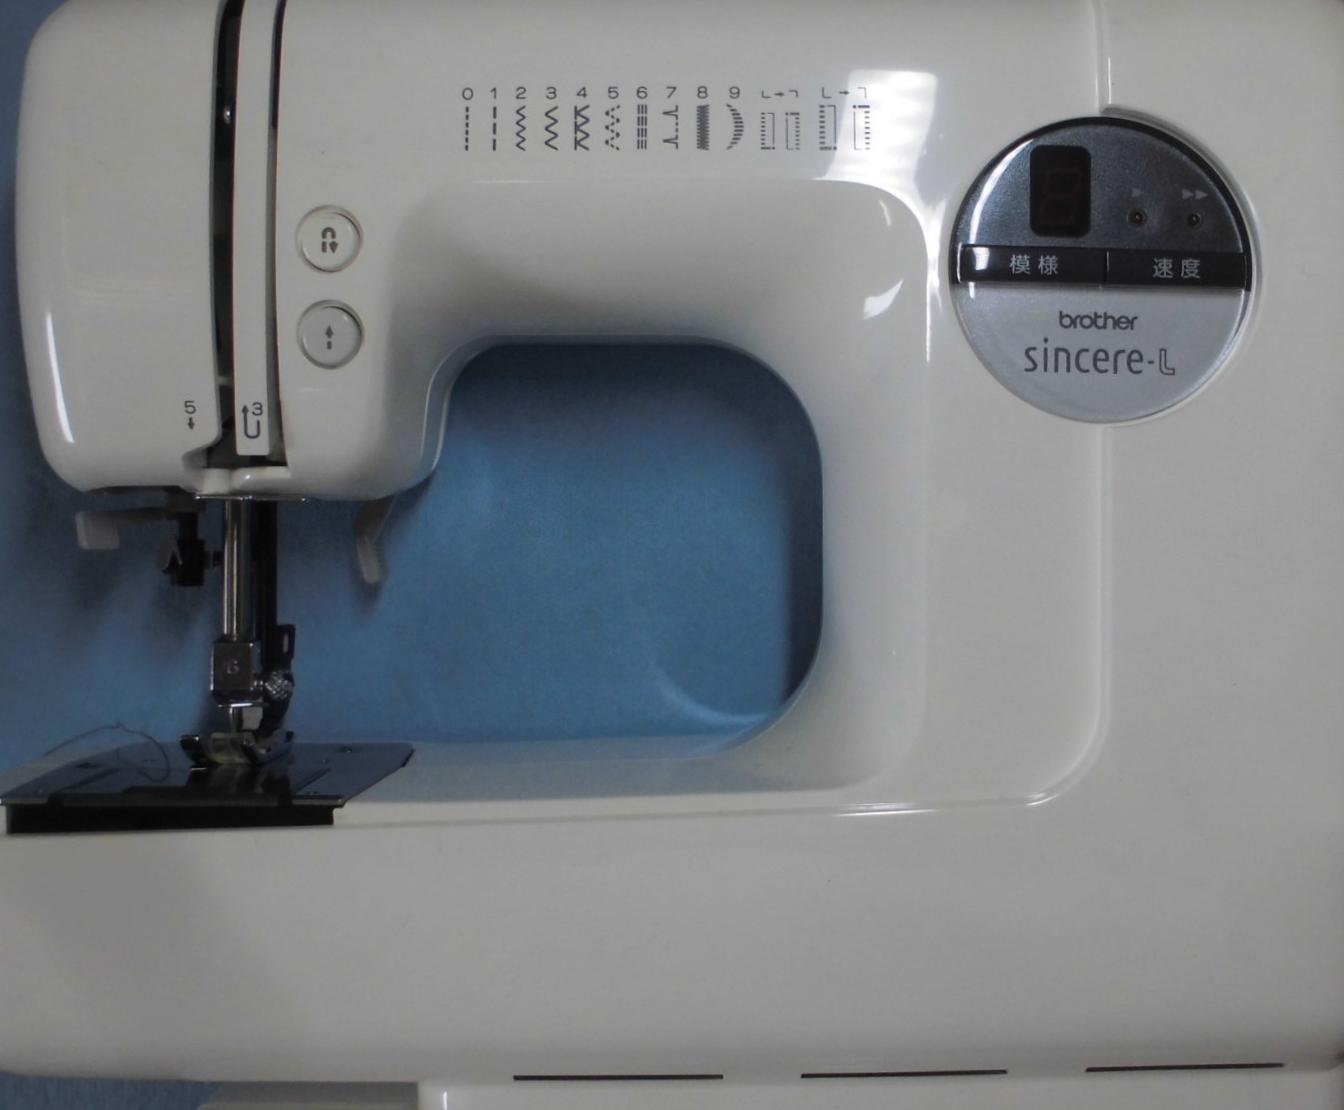 ブラザーミシン修理|シンシアエル|下糸が出ない、縫えない、釜ずれ